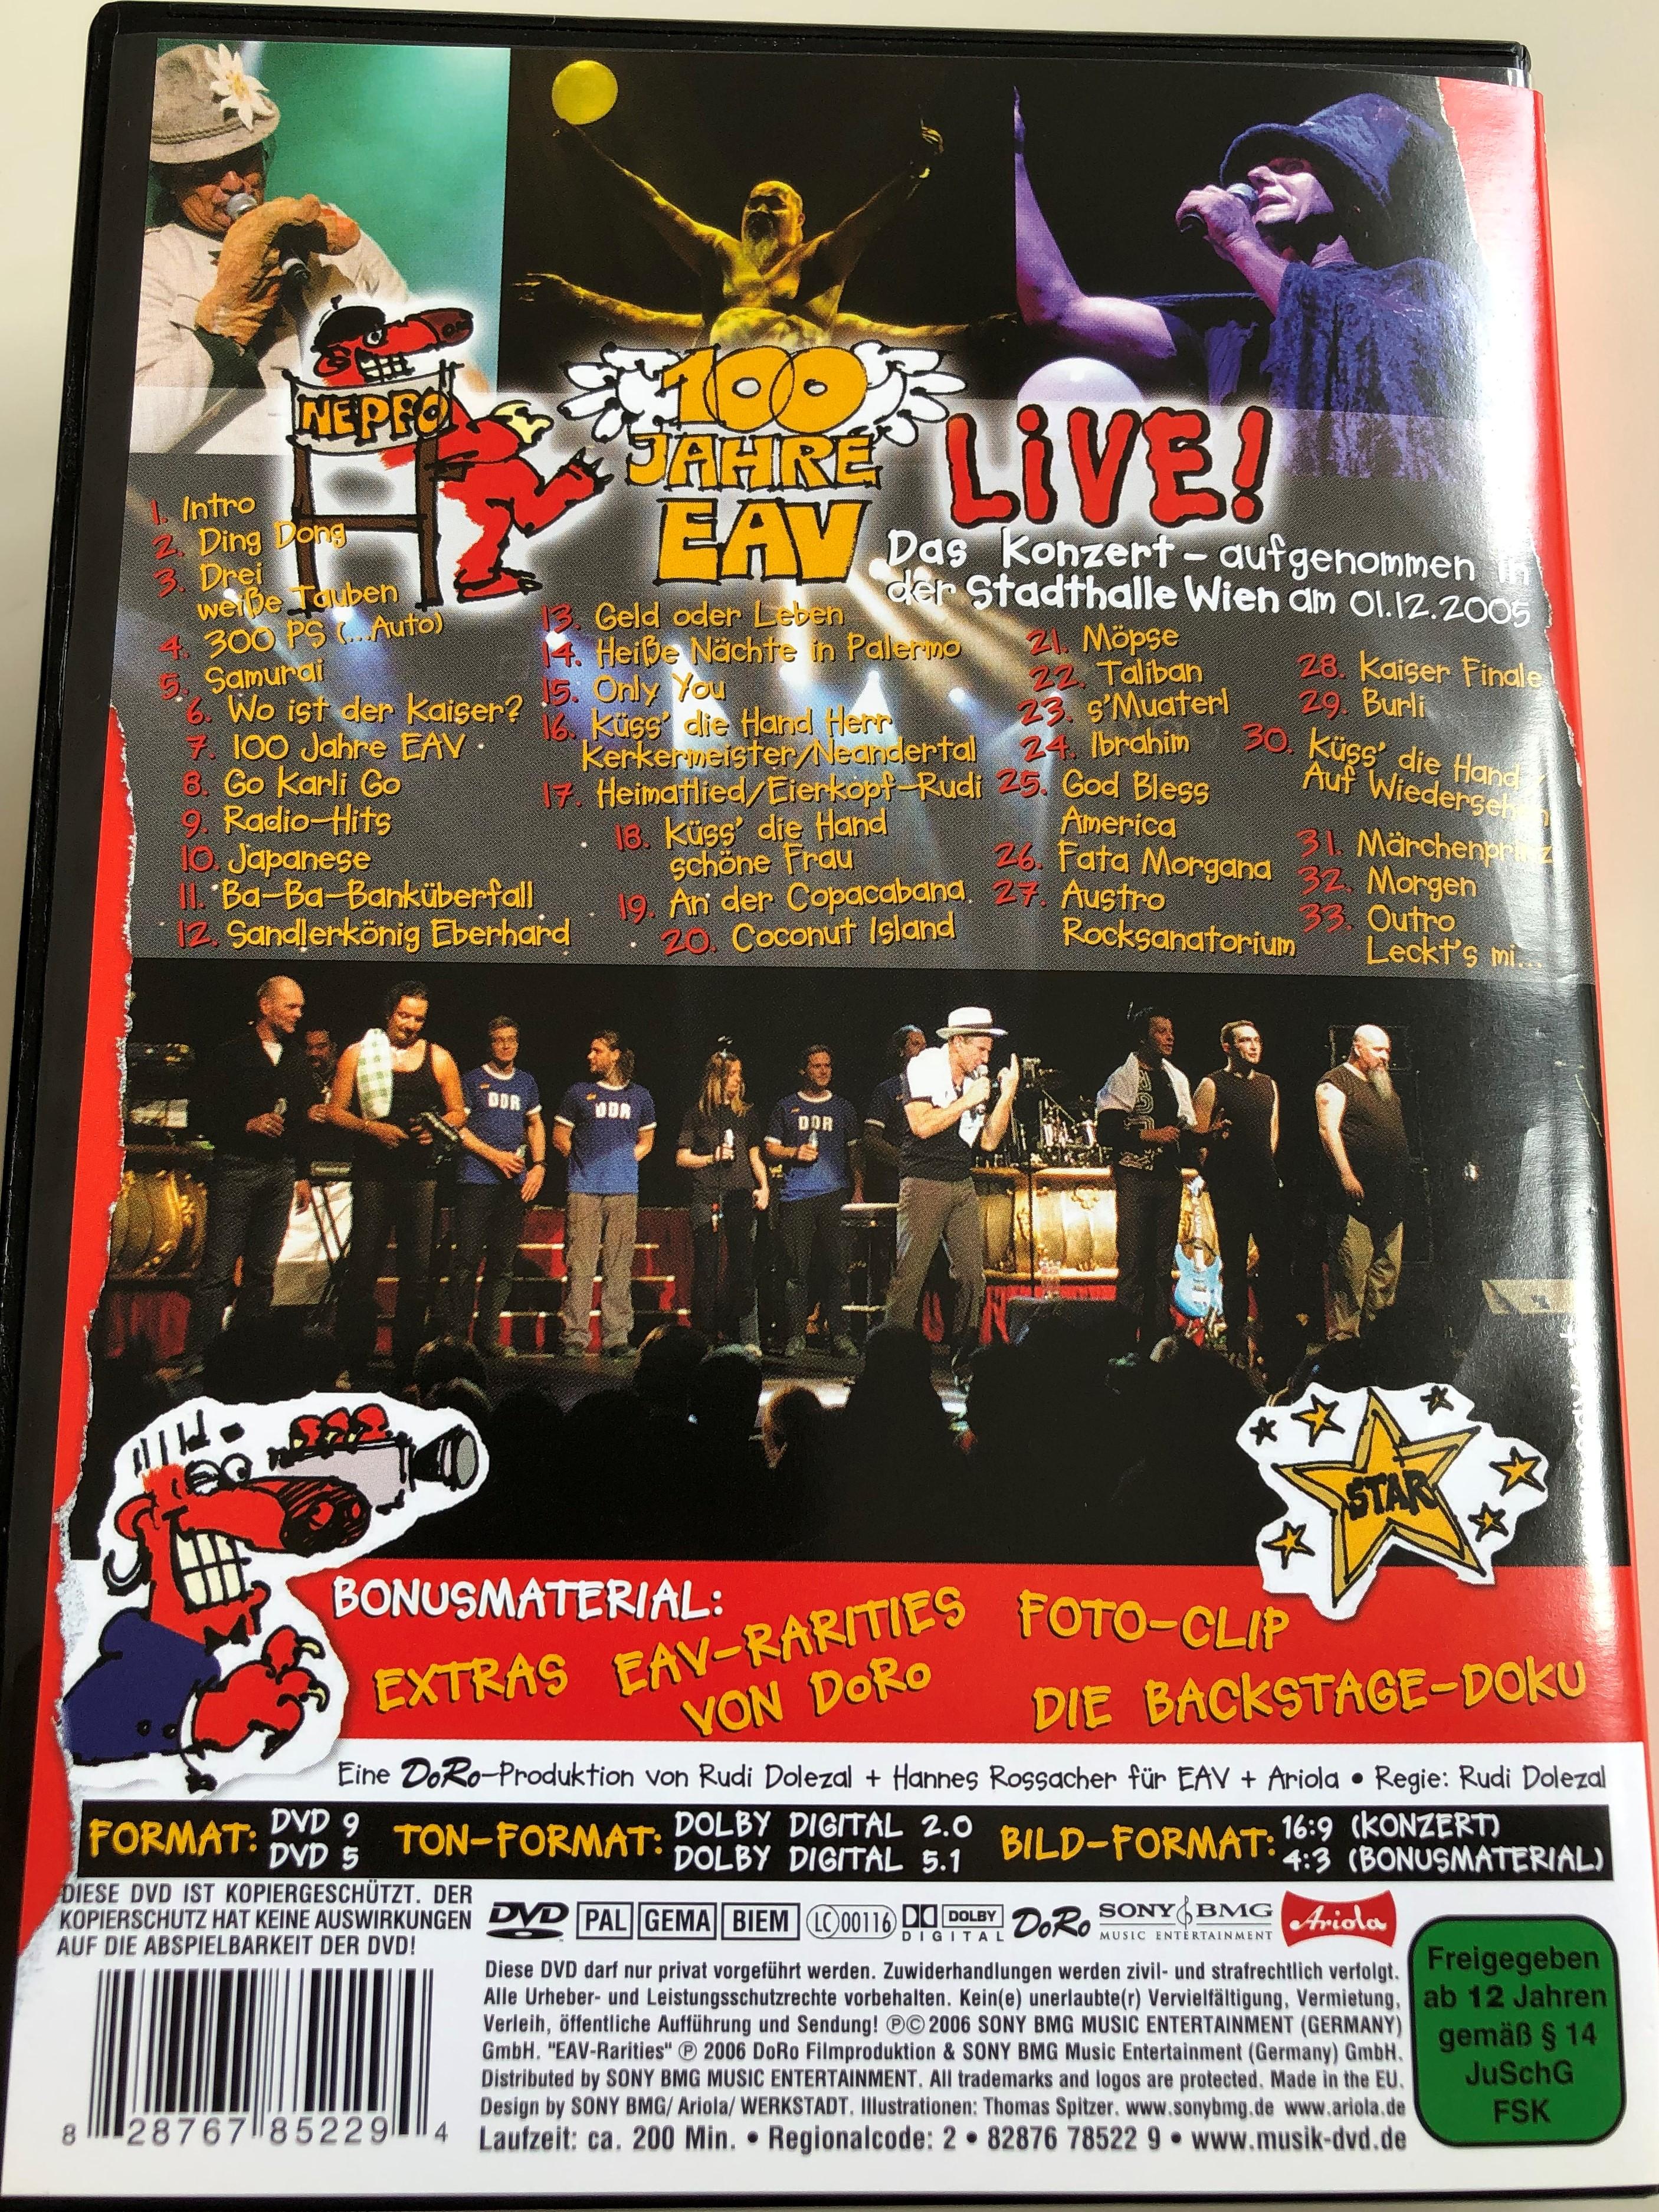 100-jahre-eav-live-dvd-2006-erste-allgemeine-verunsicherung-doppel-dvd-double-dvd-live-concert-dvd-bonus-disc-3-.jpg